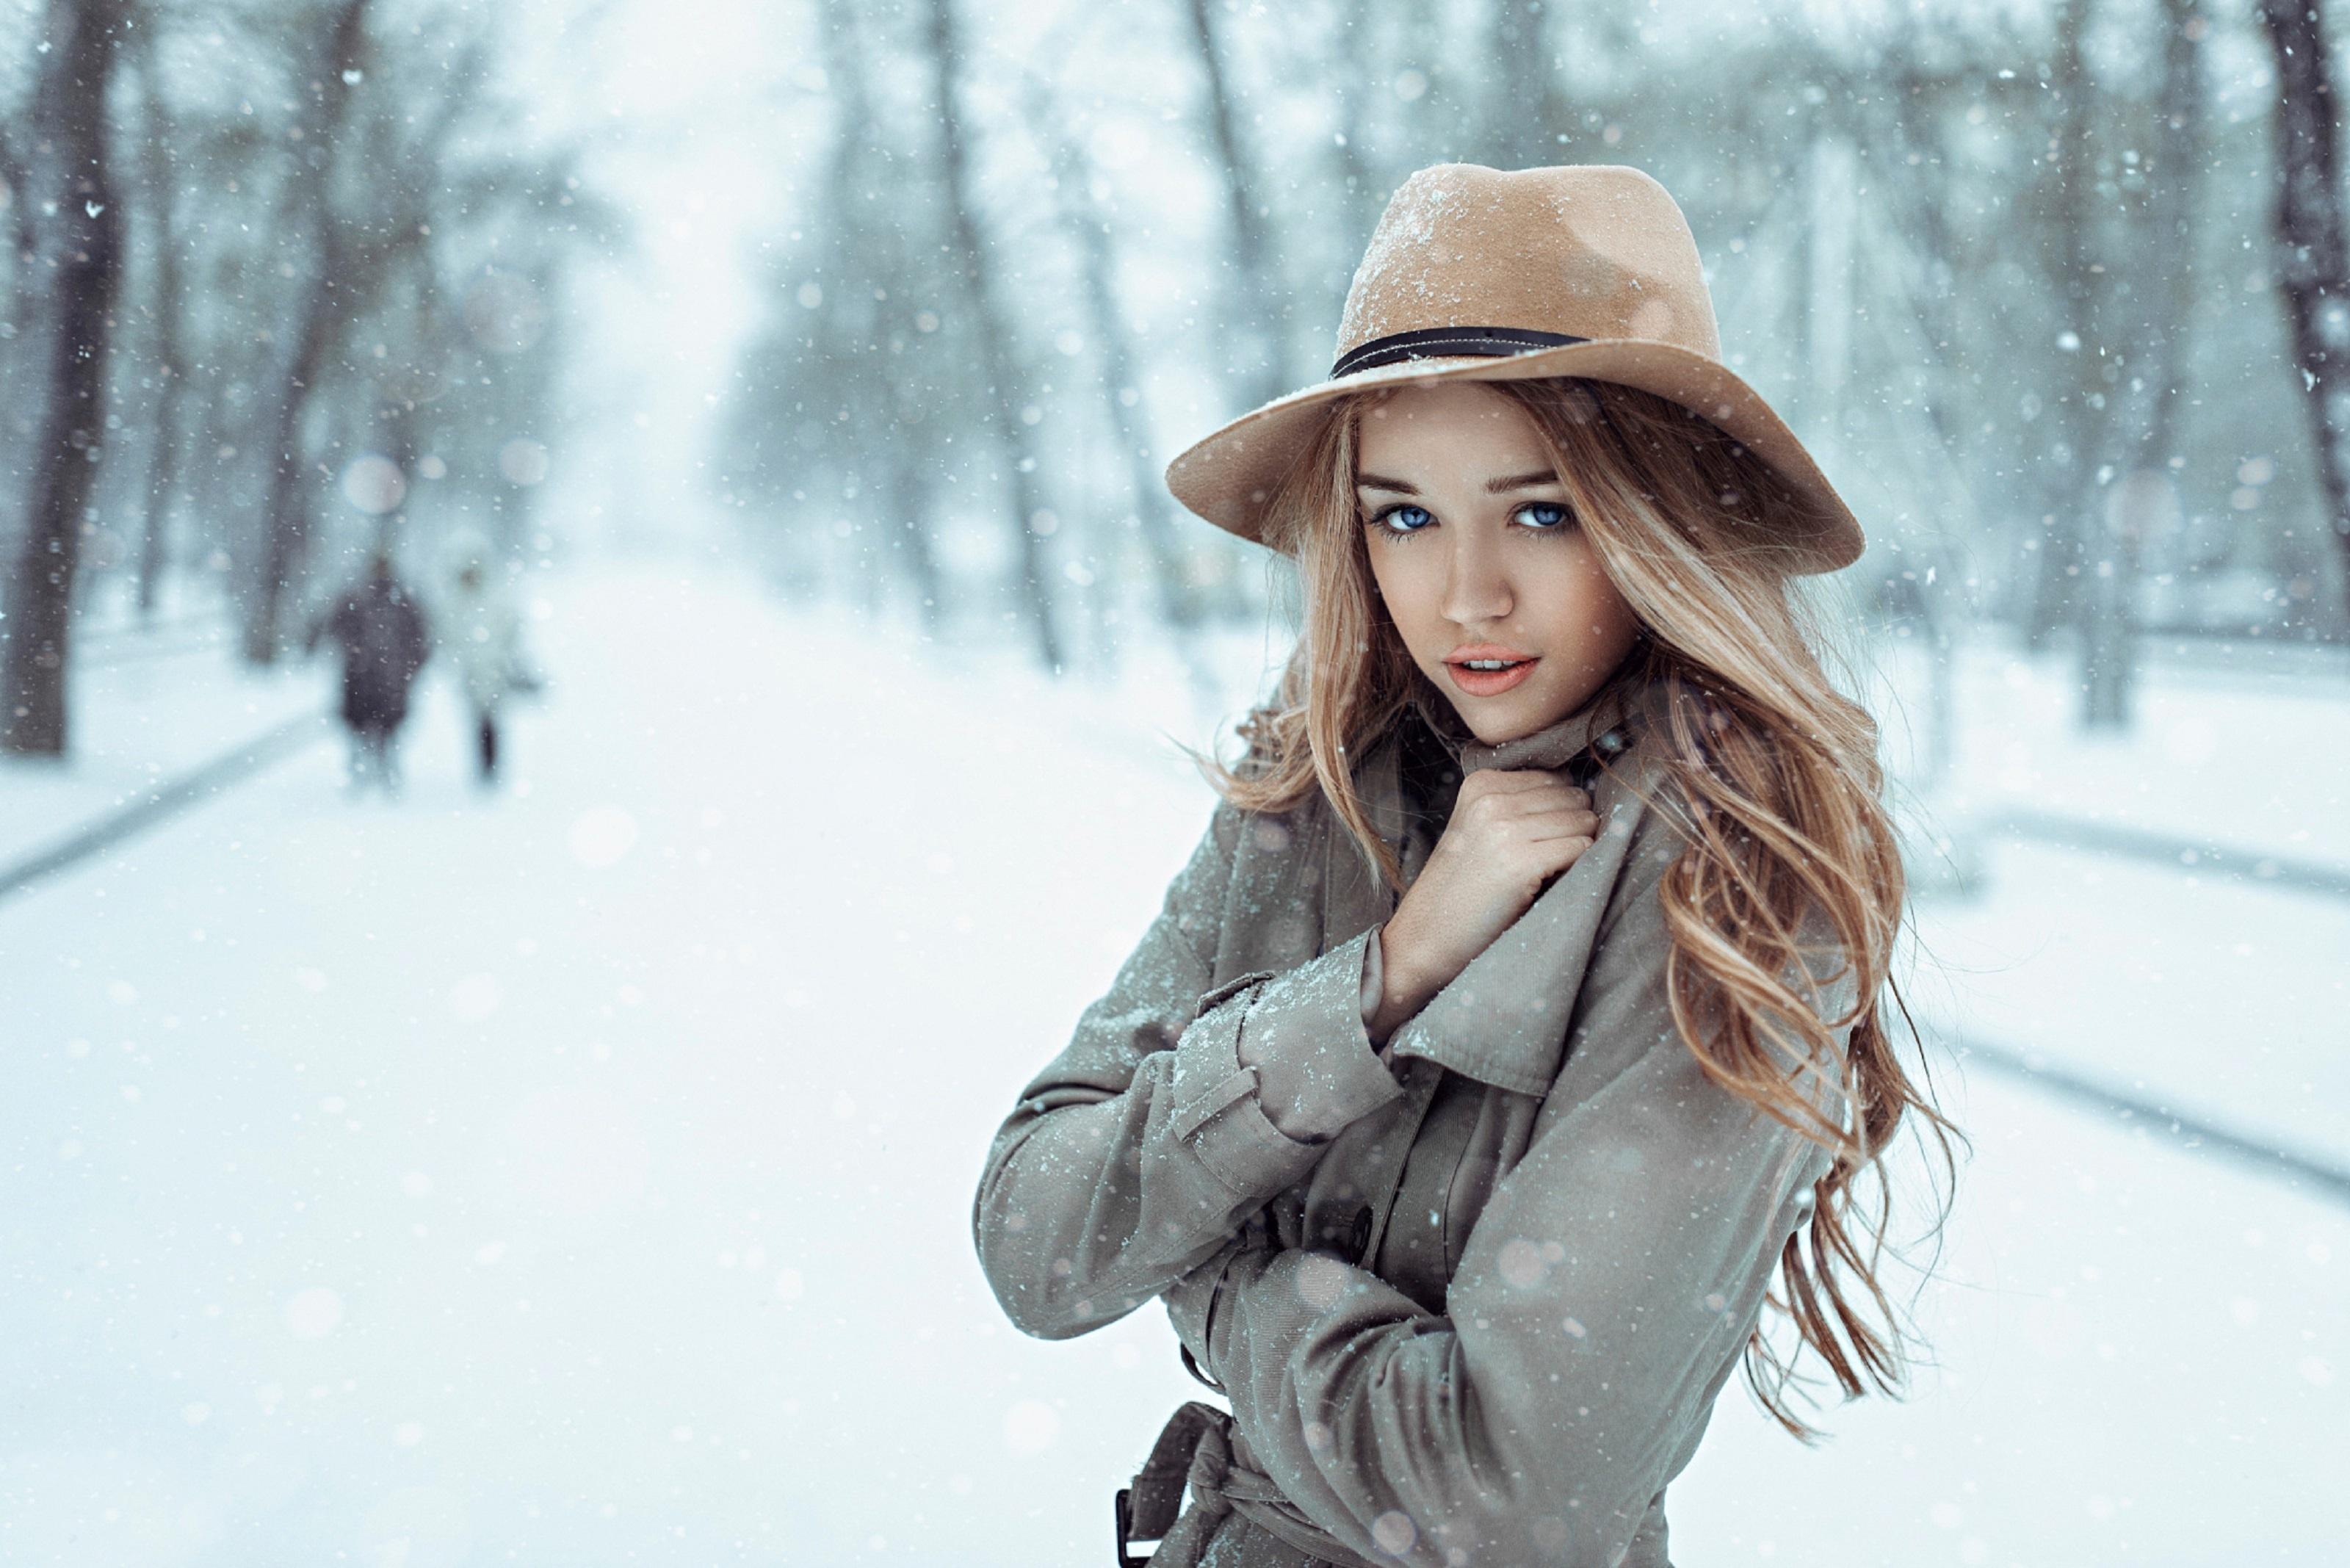 Картинки по запросу зима деву